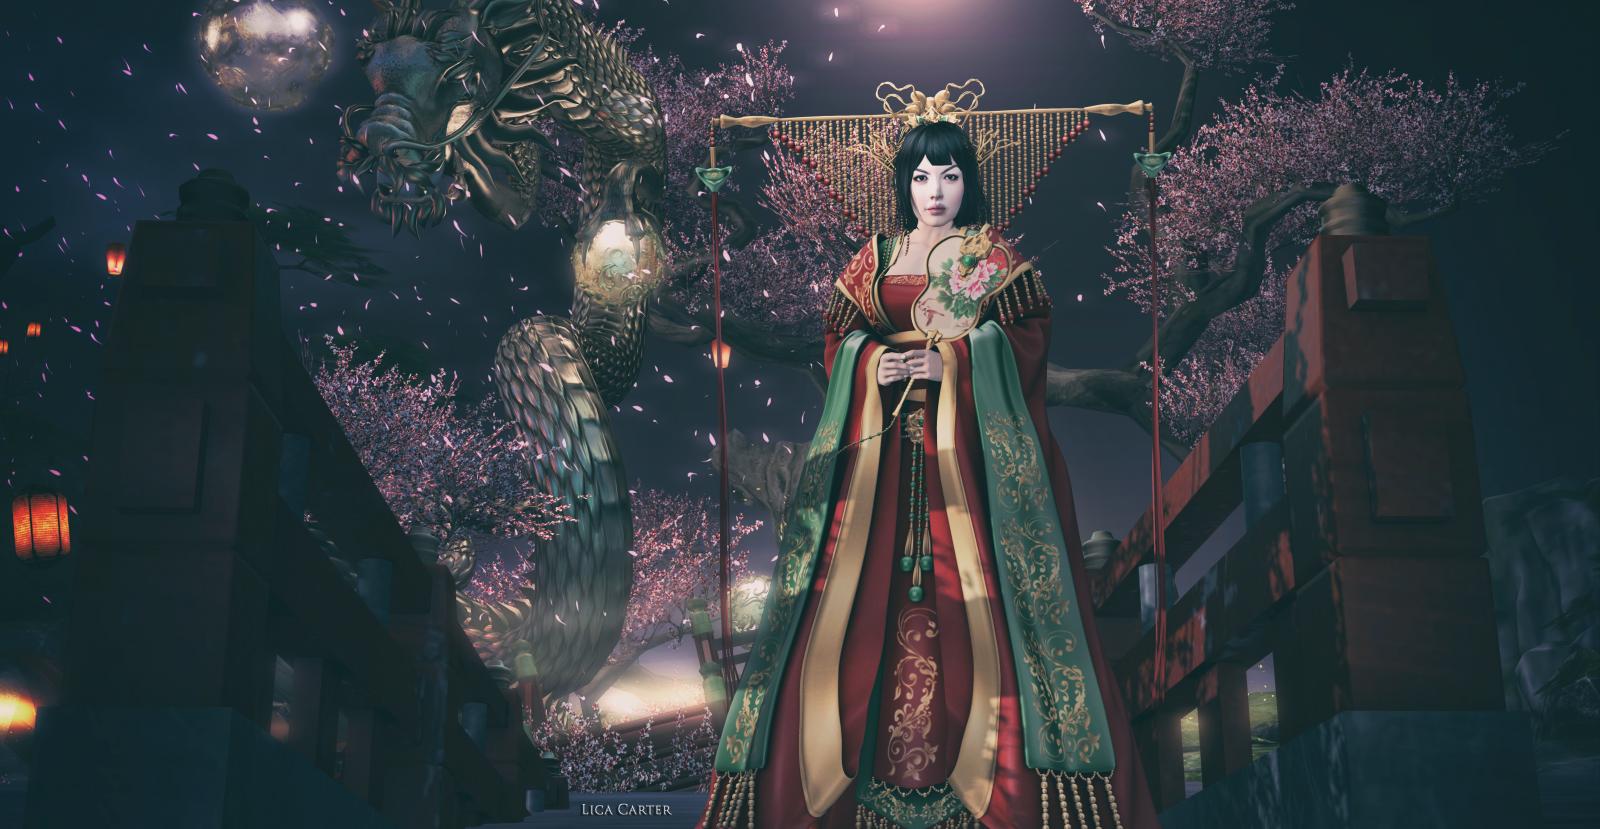 Wallpaper Jepang Wanita Malam 3D Putri Mode Rambut